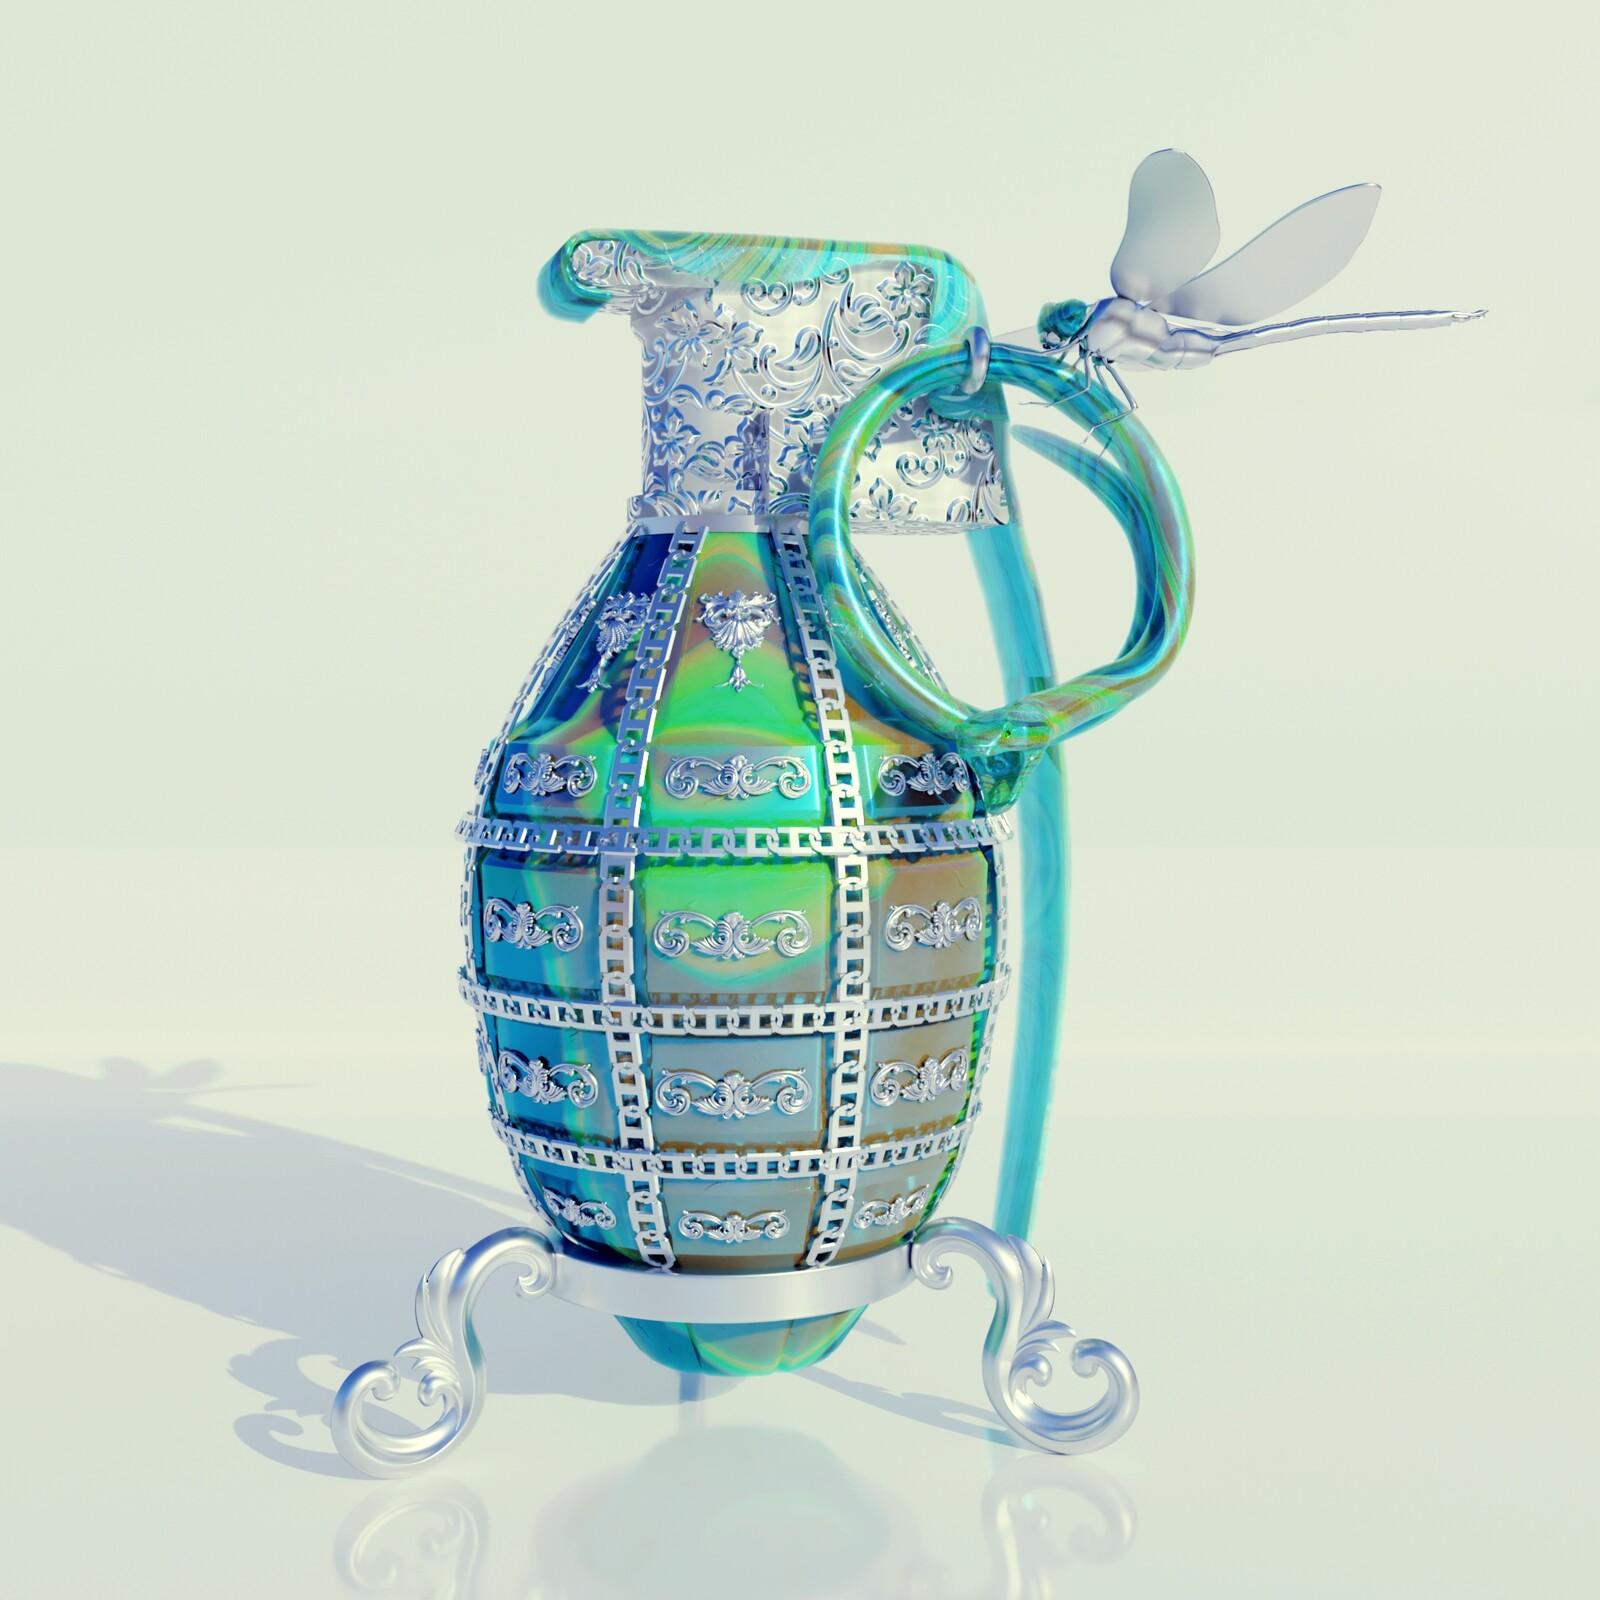 Pyrobolus Convenusto - Emerald